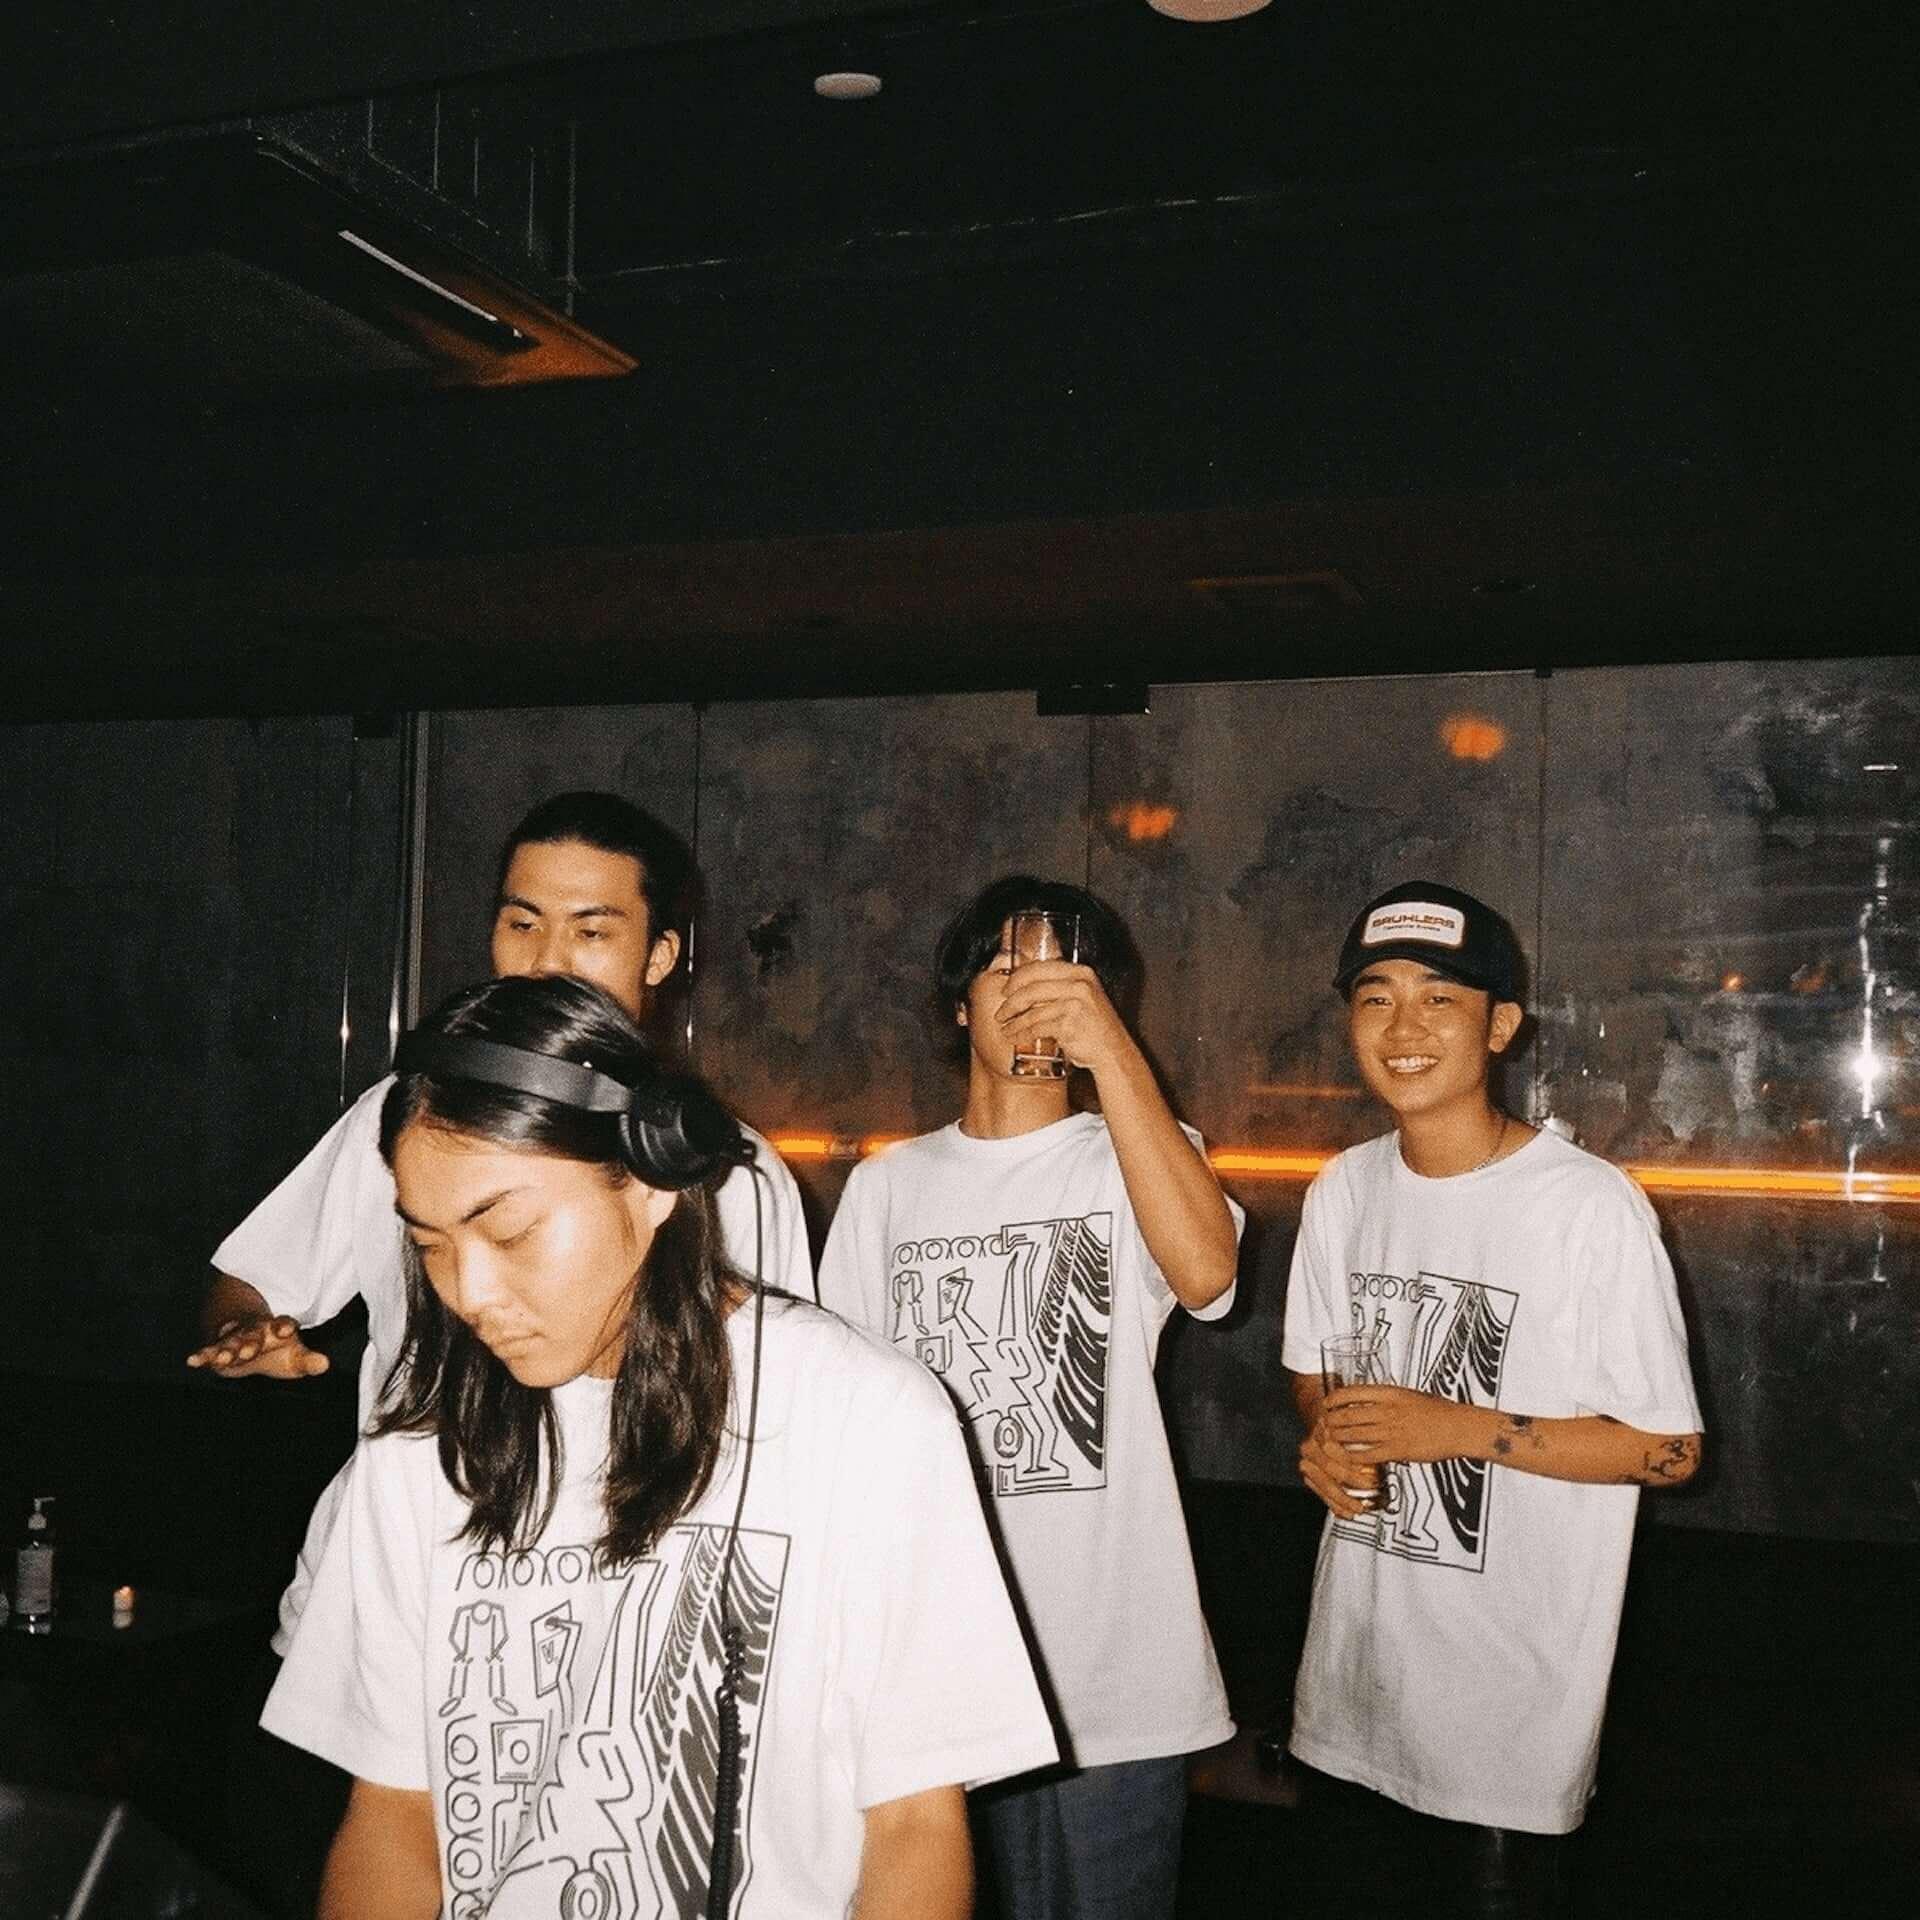 渋谷PARCOを舞台にしたカルチャーフェス<P.O.N.D.>の追加コンテンツが続々決定!betcover!!、illiomoteら出演のオープニングパーティーも開催 art201008_parco-pond_3-1920x1920